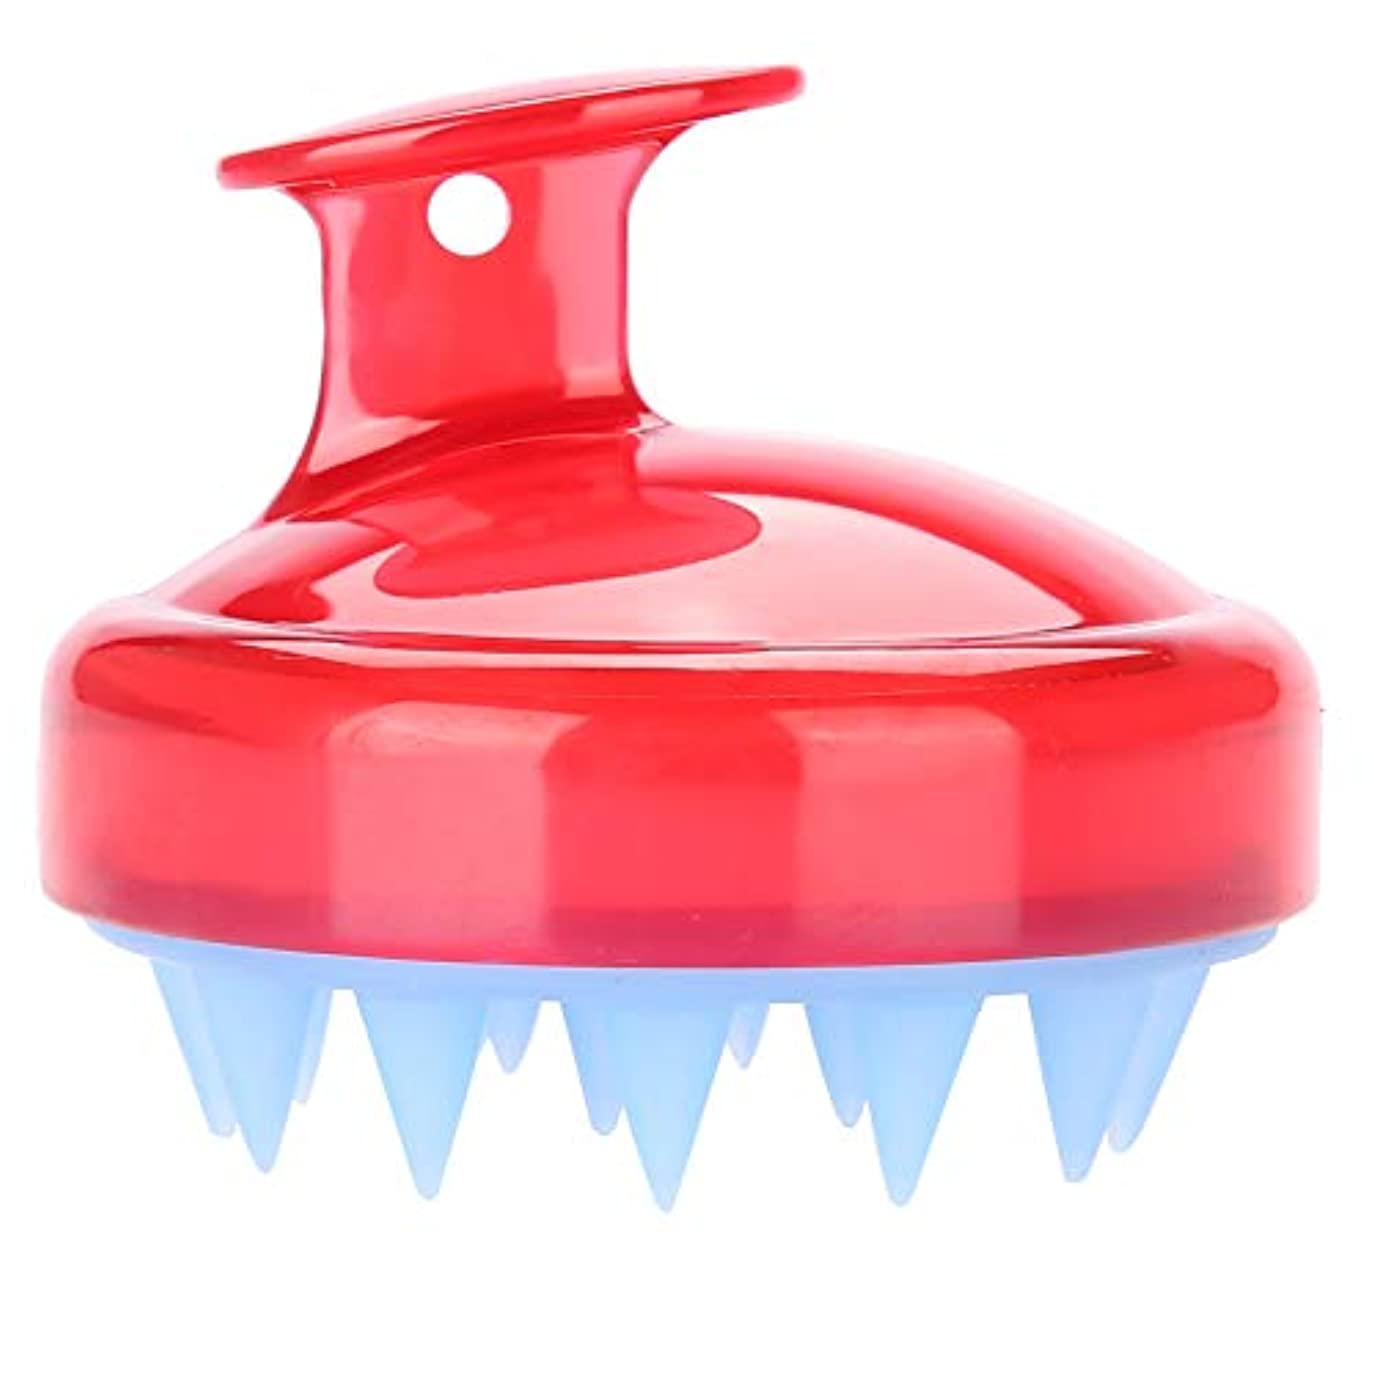 教養がある熟達した剛性5色マッサージャーヘッド - スカルプマッサージャー、マッサージャーブラシヘッドシャンプー - ボディ洗浄マッサージャーのためのシャワーブラシ(赤)